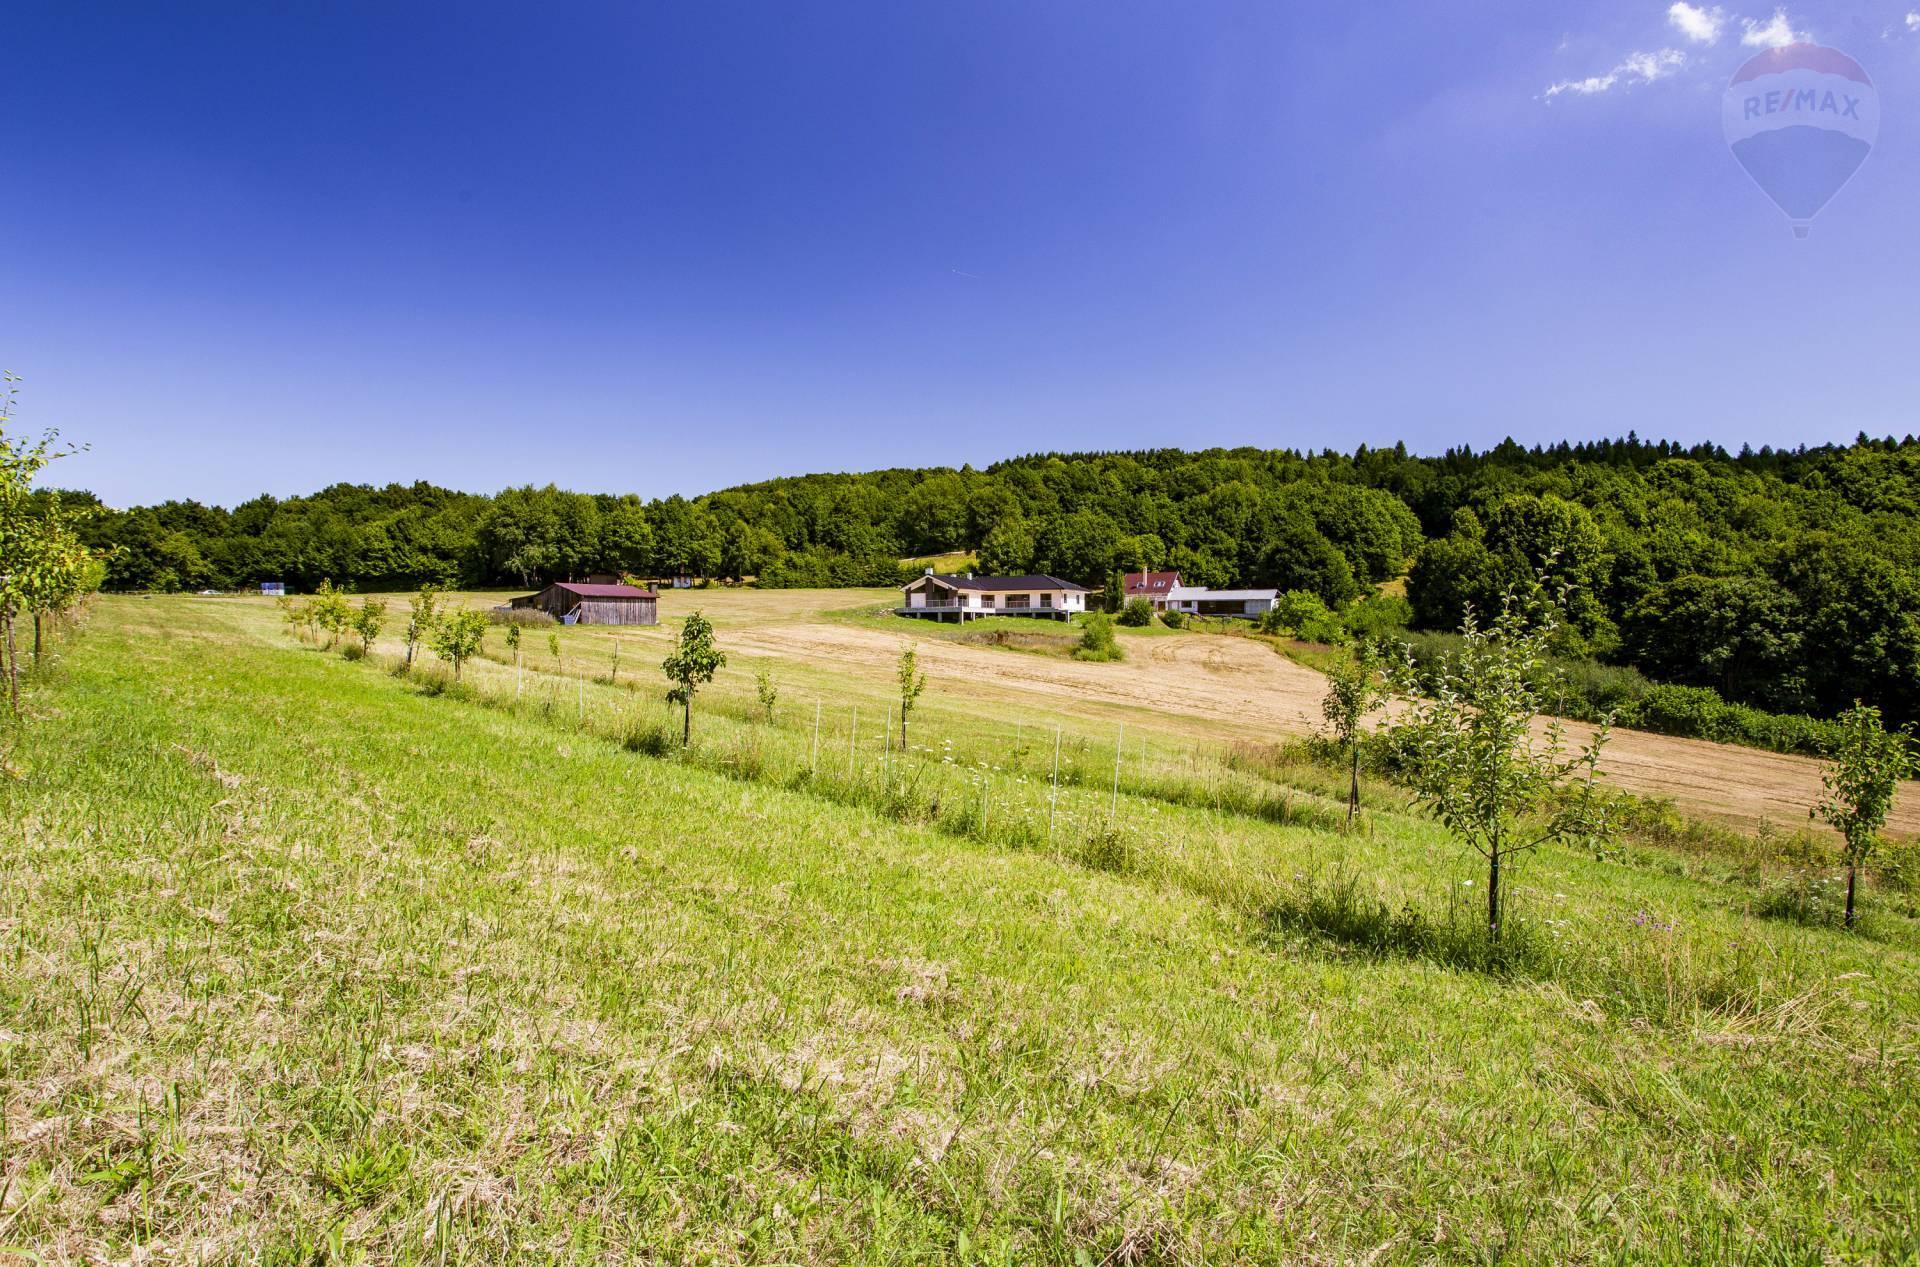 PREDAJ:Hospodárska usadlosť s luxusným sídlom na samote5,7ha,Nová Baňa-Chotár